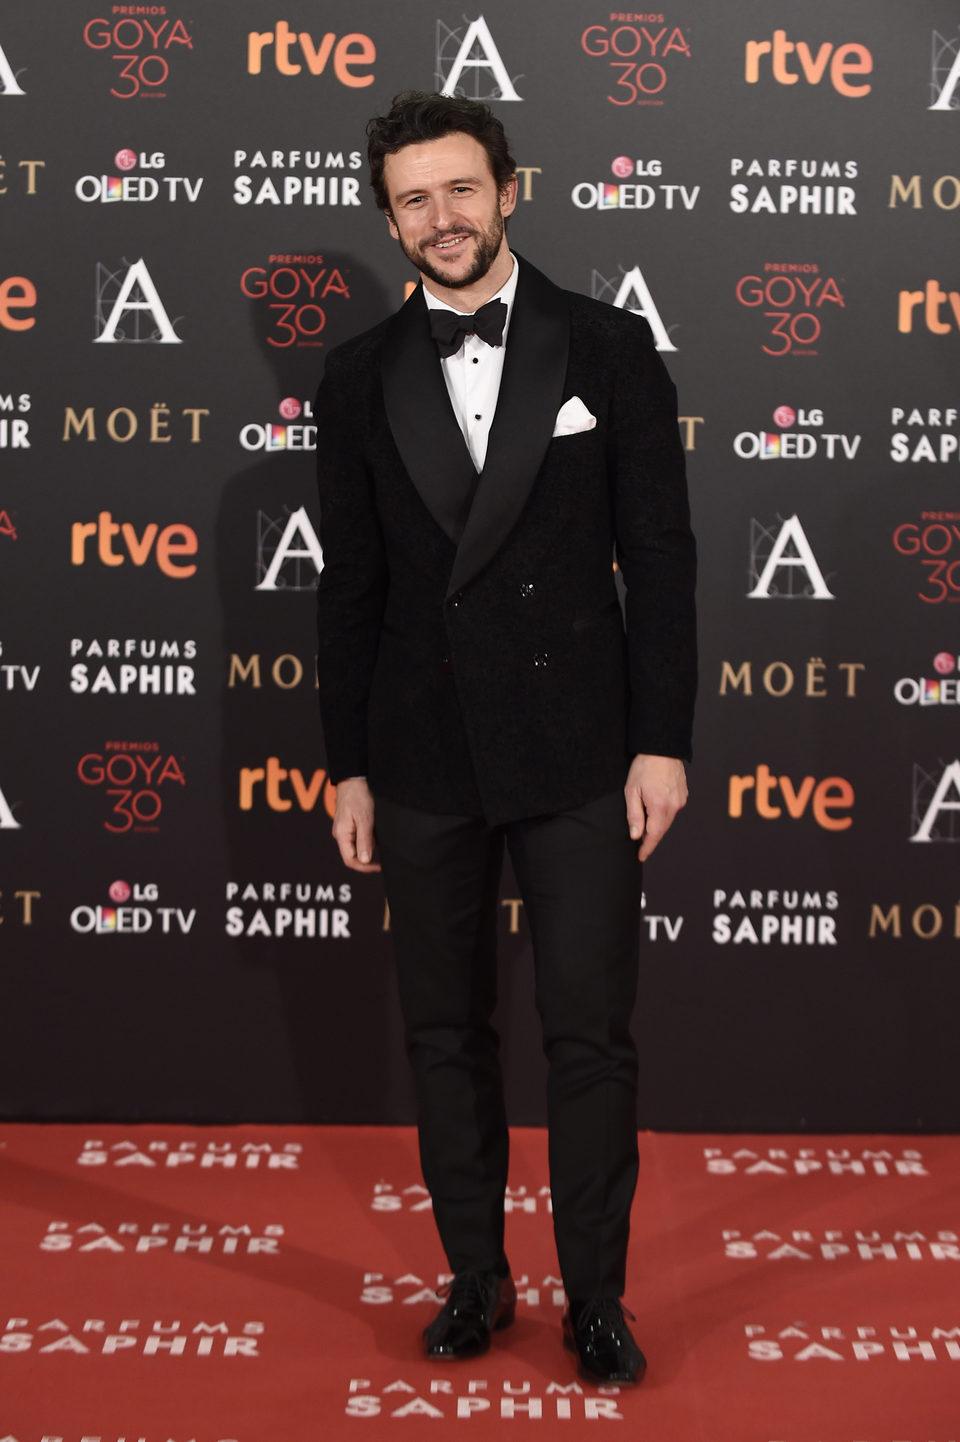 Diego Martín en la alfombra roja de los Premios Goya 2016